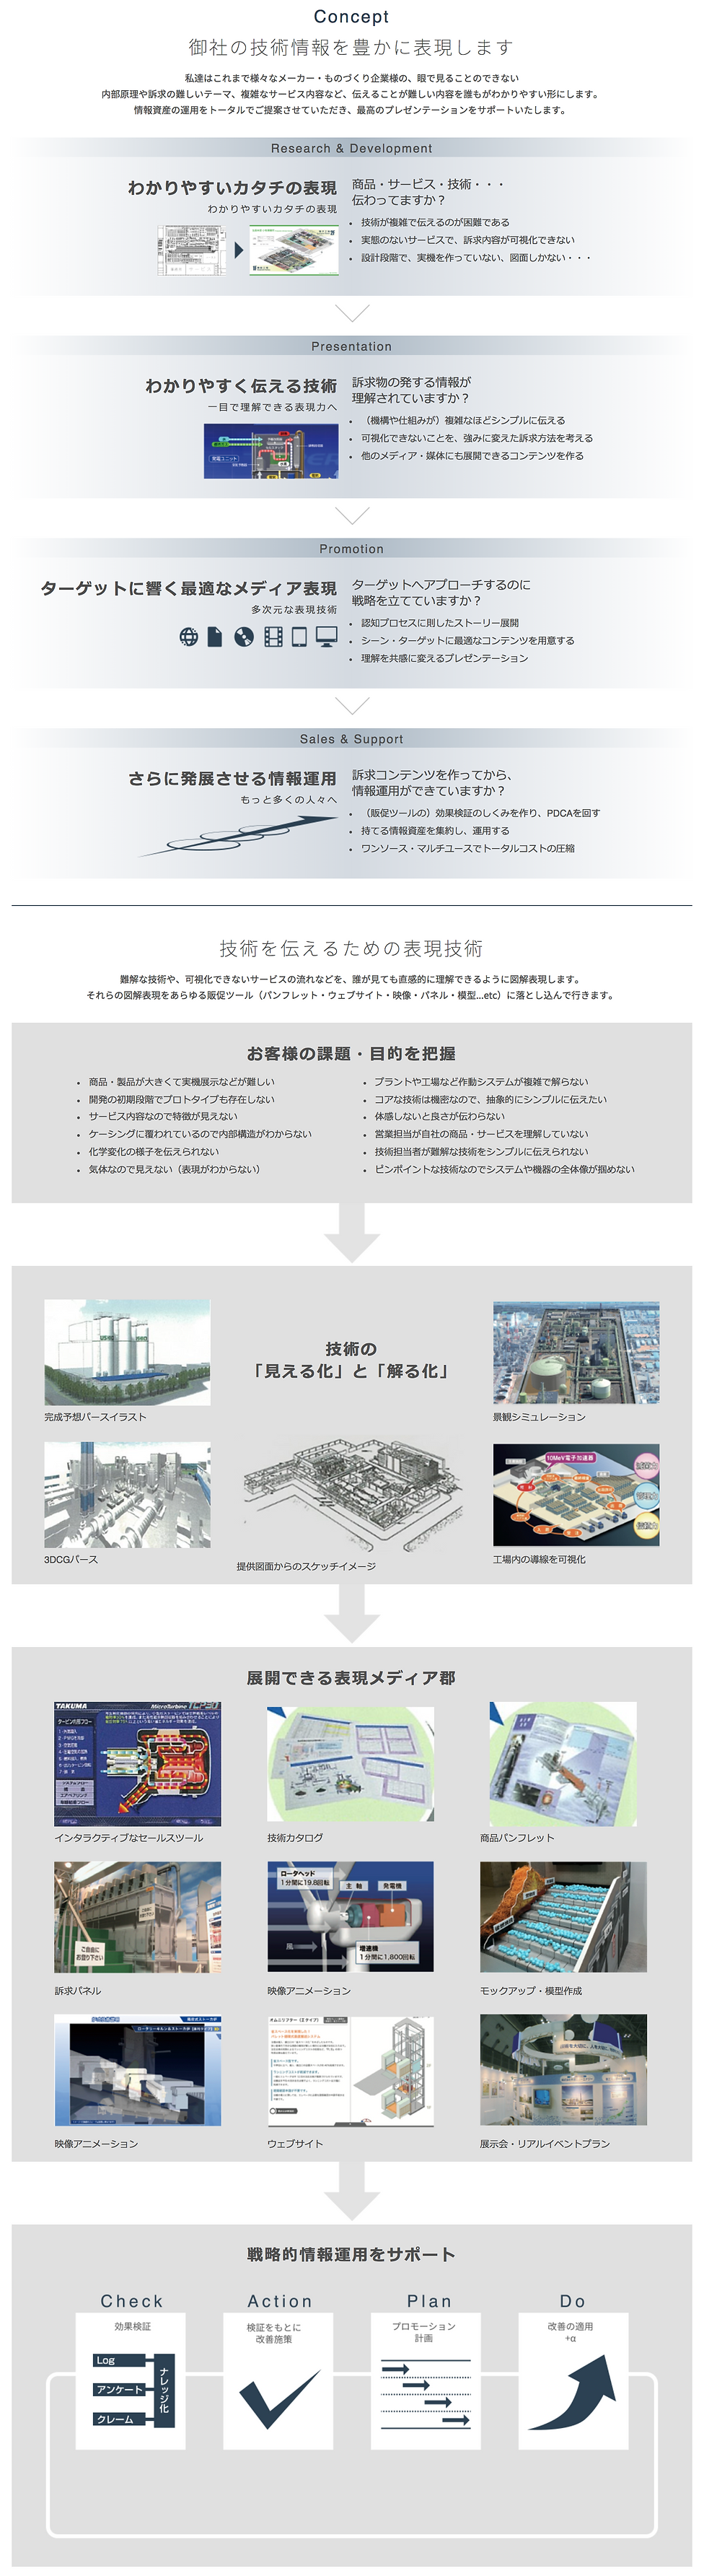 工業技術を可視化する情報デザイン・制作|コンセプト